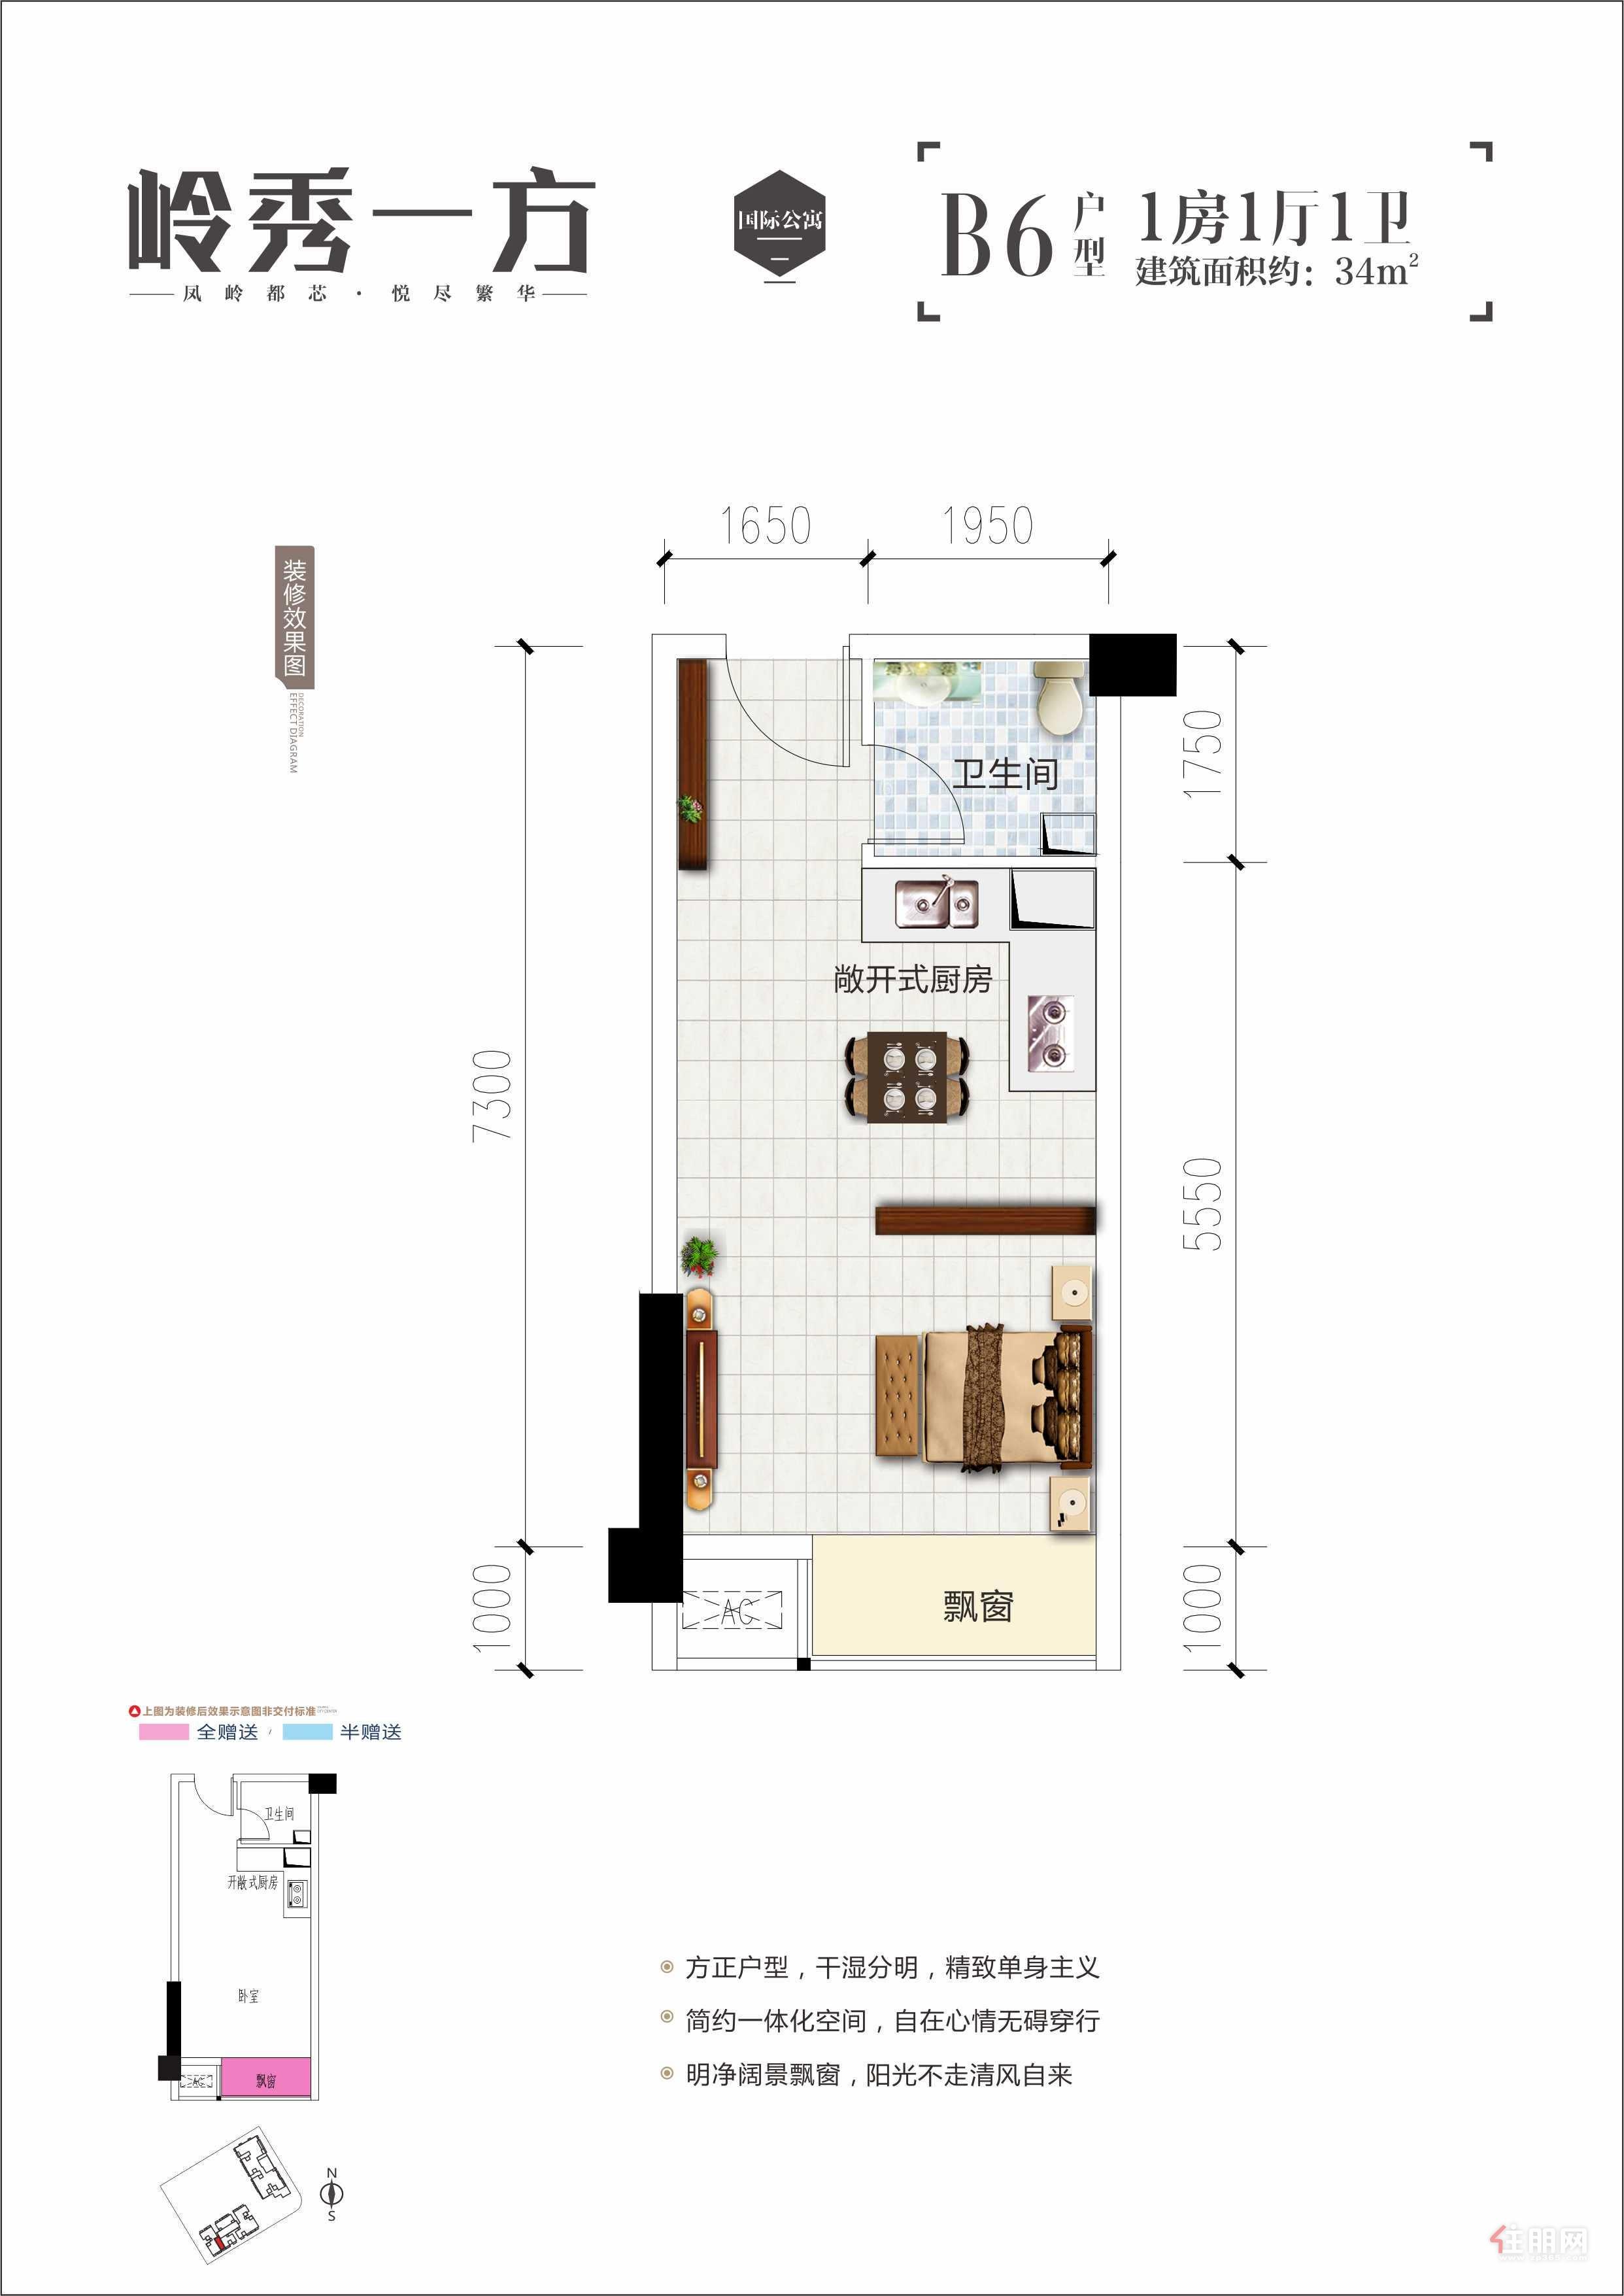 大嘉匯·嶺秀一方34平方米戶型圖